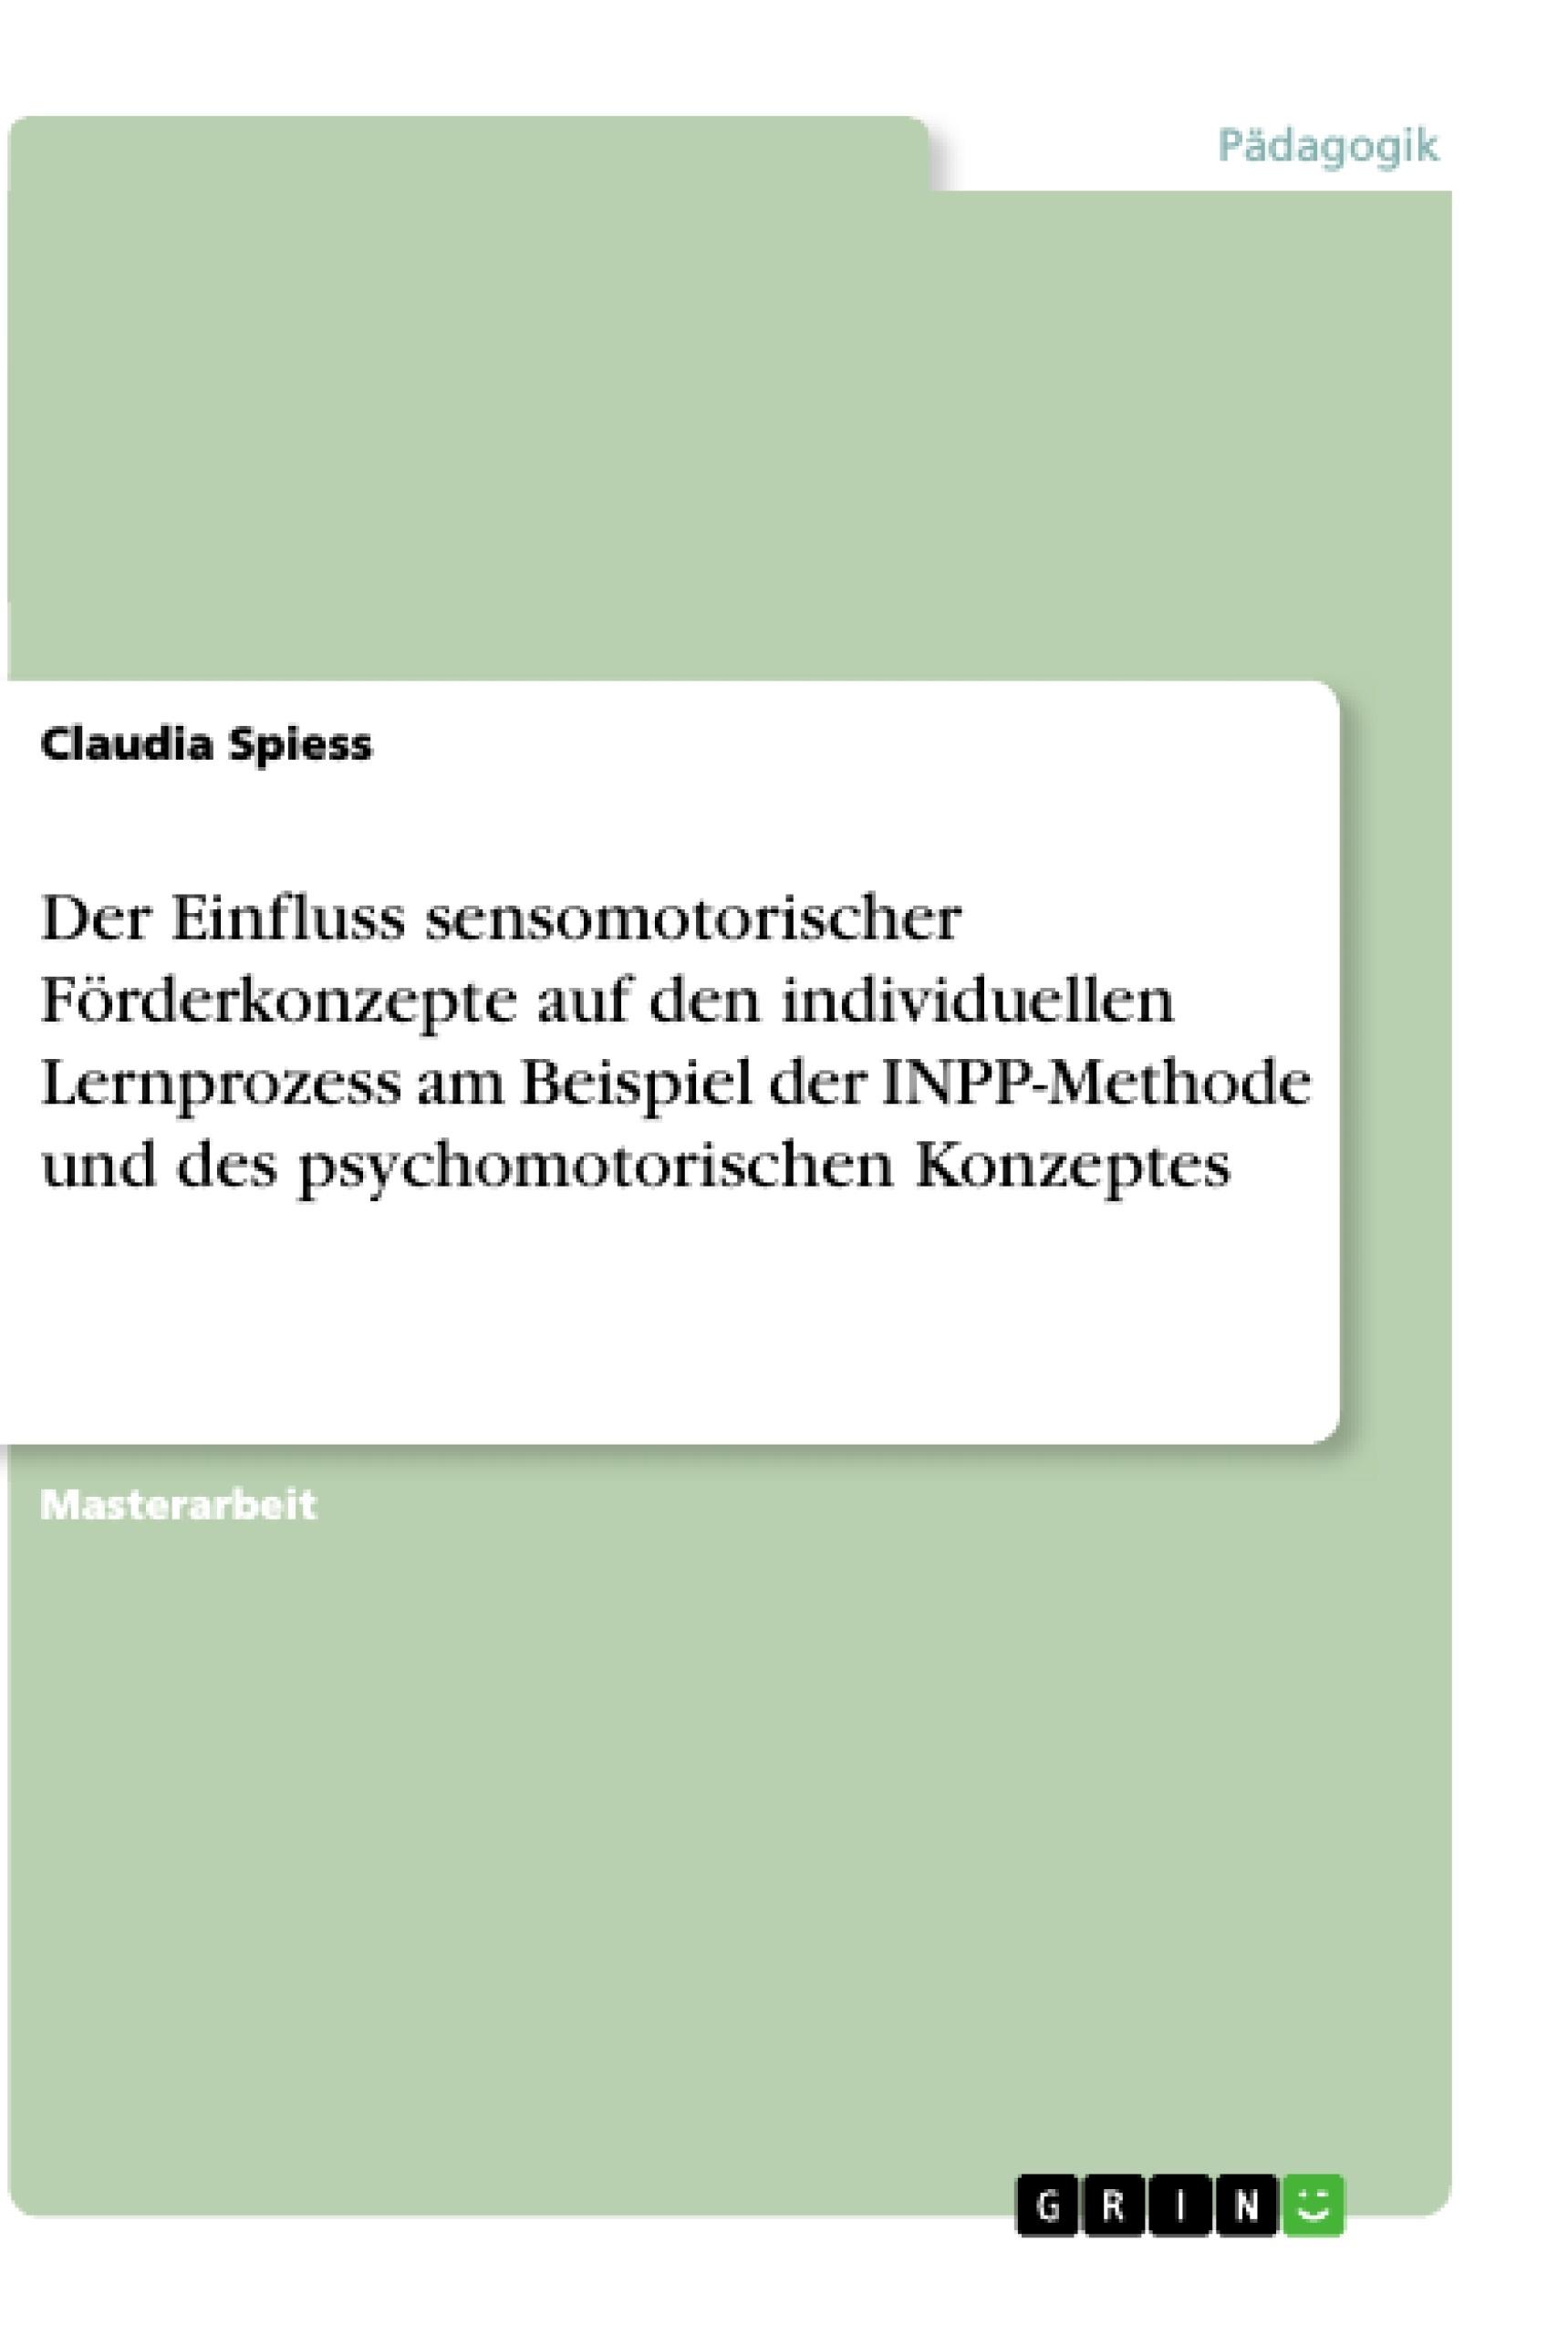 Titel: Der Einfluss sensomotorischer Förderkonzepte auf den individuellen Lernprozess am Beispiel der INPP-Methode und des psychomotorischen Konzeptes